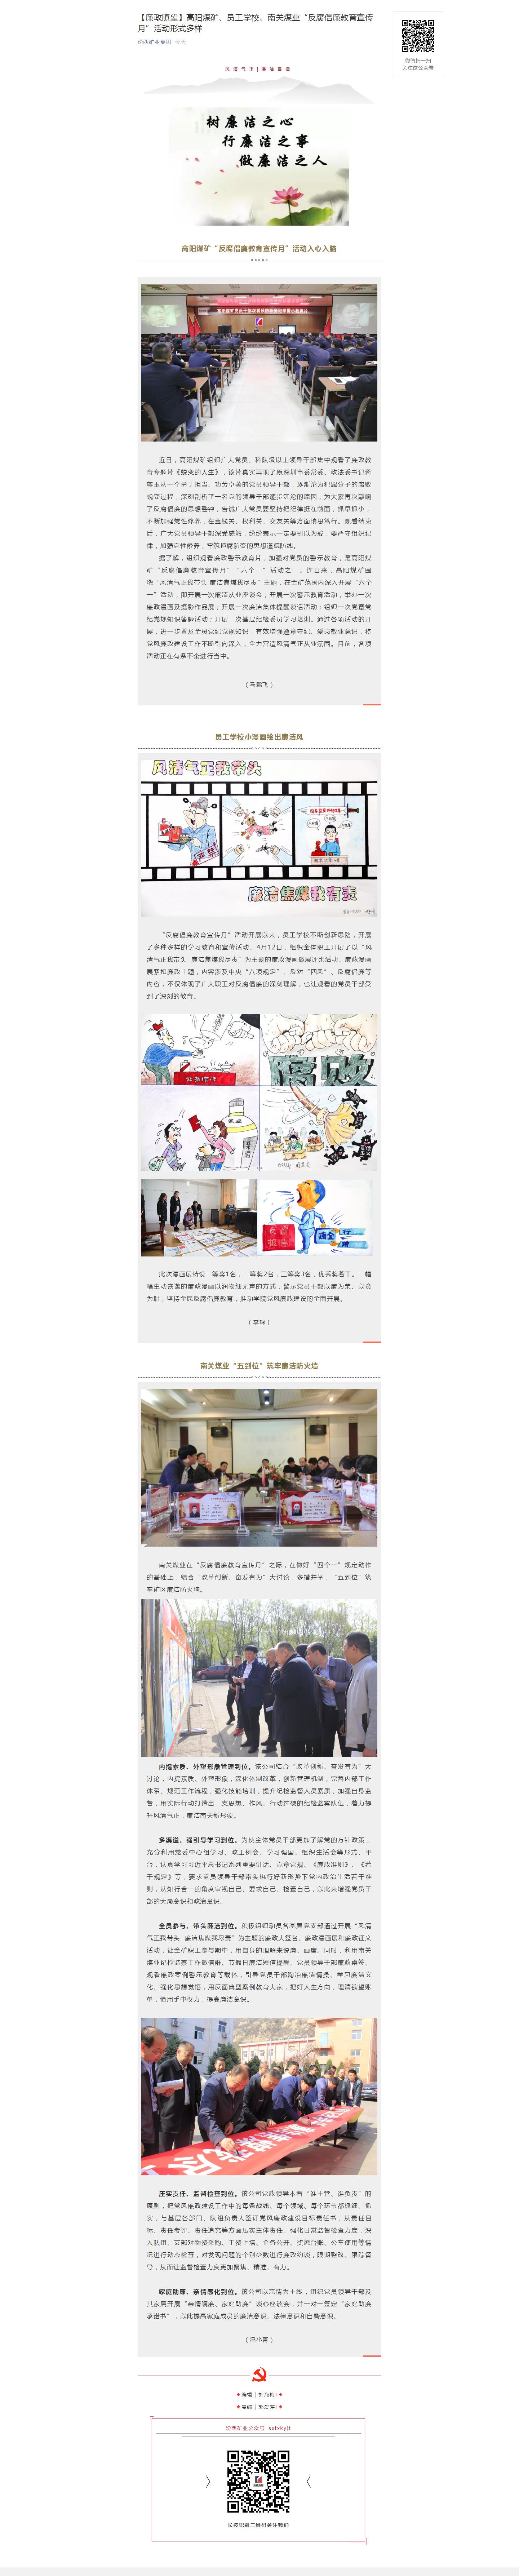 """【廉政瞭望】高阳煤矿、员工学校、南关煤业""""反腐倡廉教育宣传月""""活动形式多样.png"""